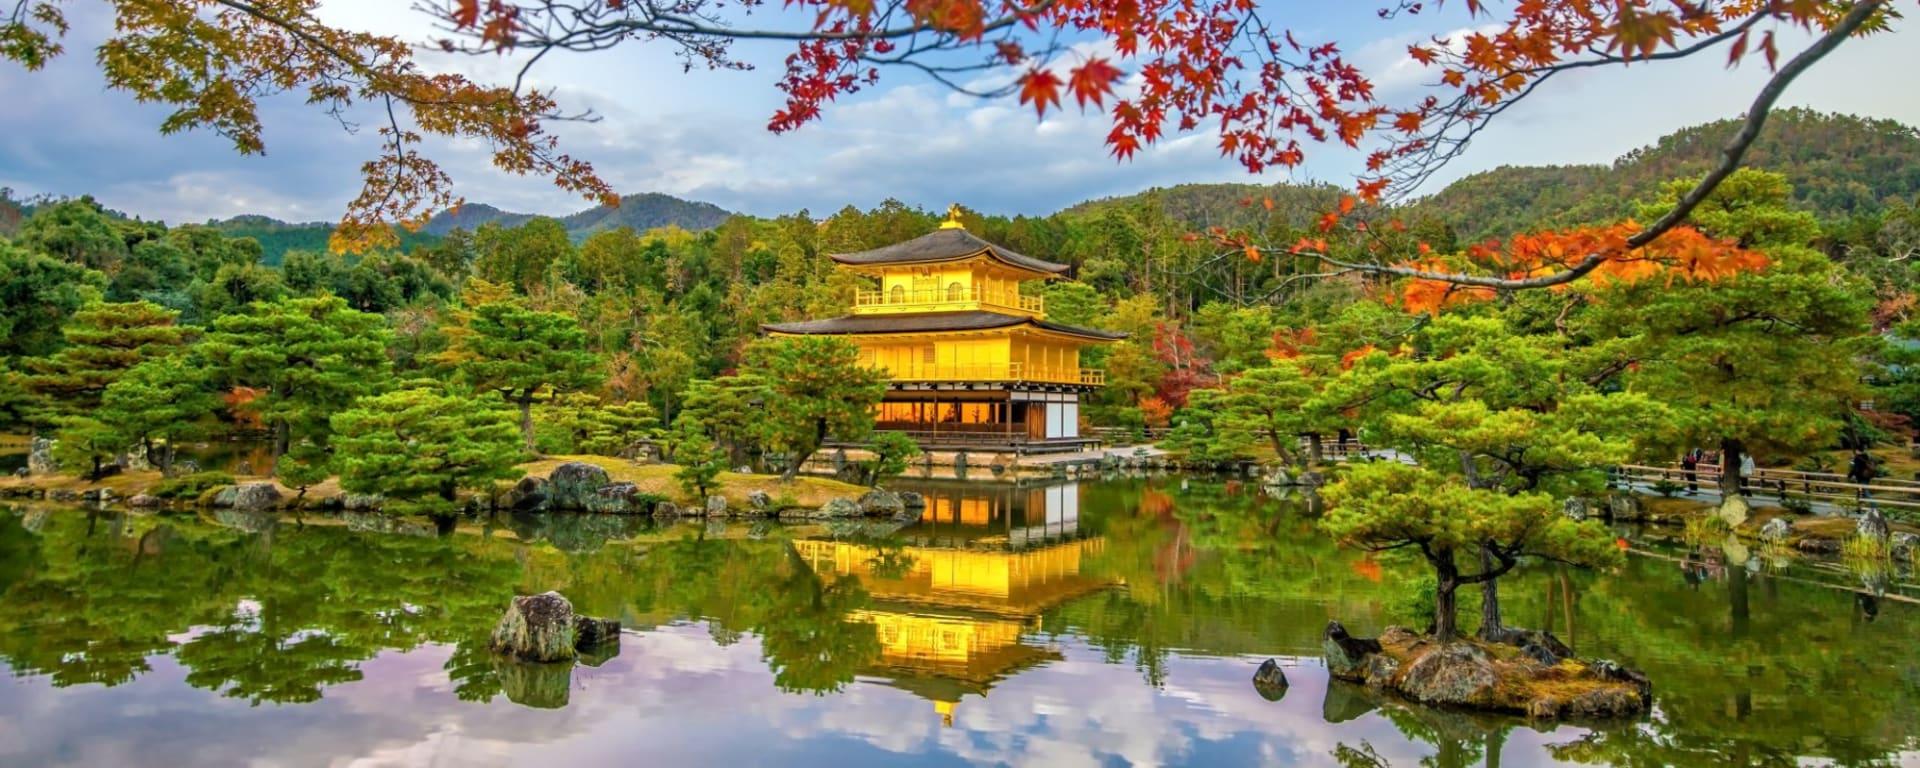 Tout savoir sur les voyages et les vacances en Japon: Kyoto Golden Pavilion of Kinkaku-ji temple